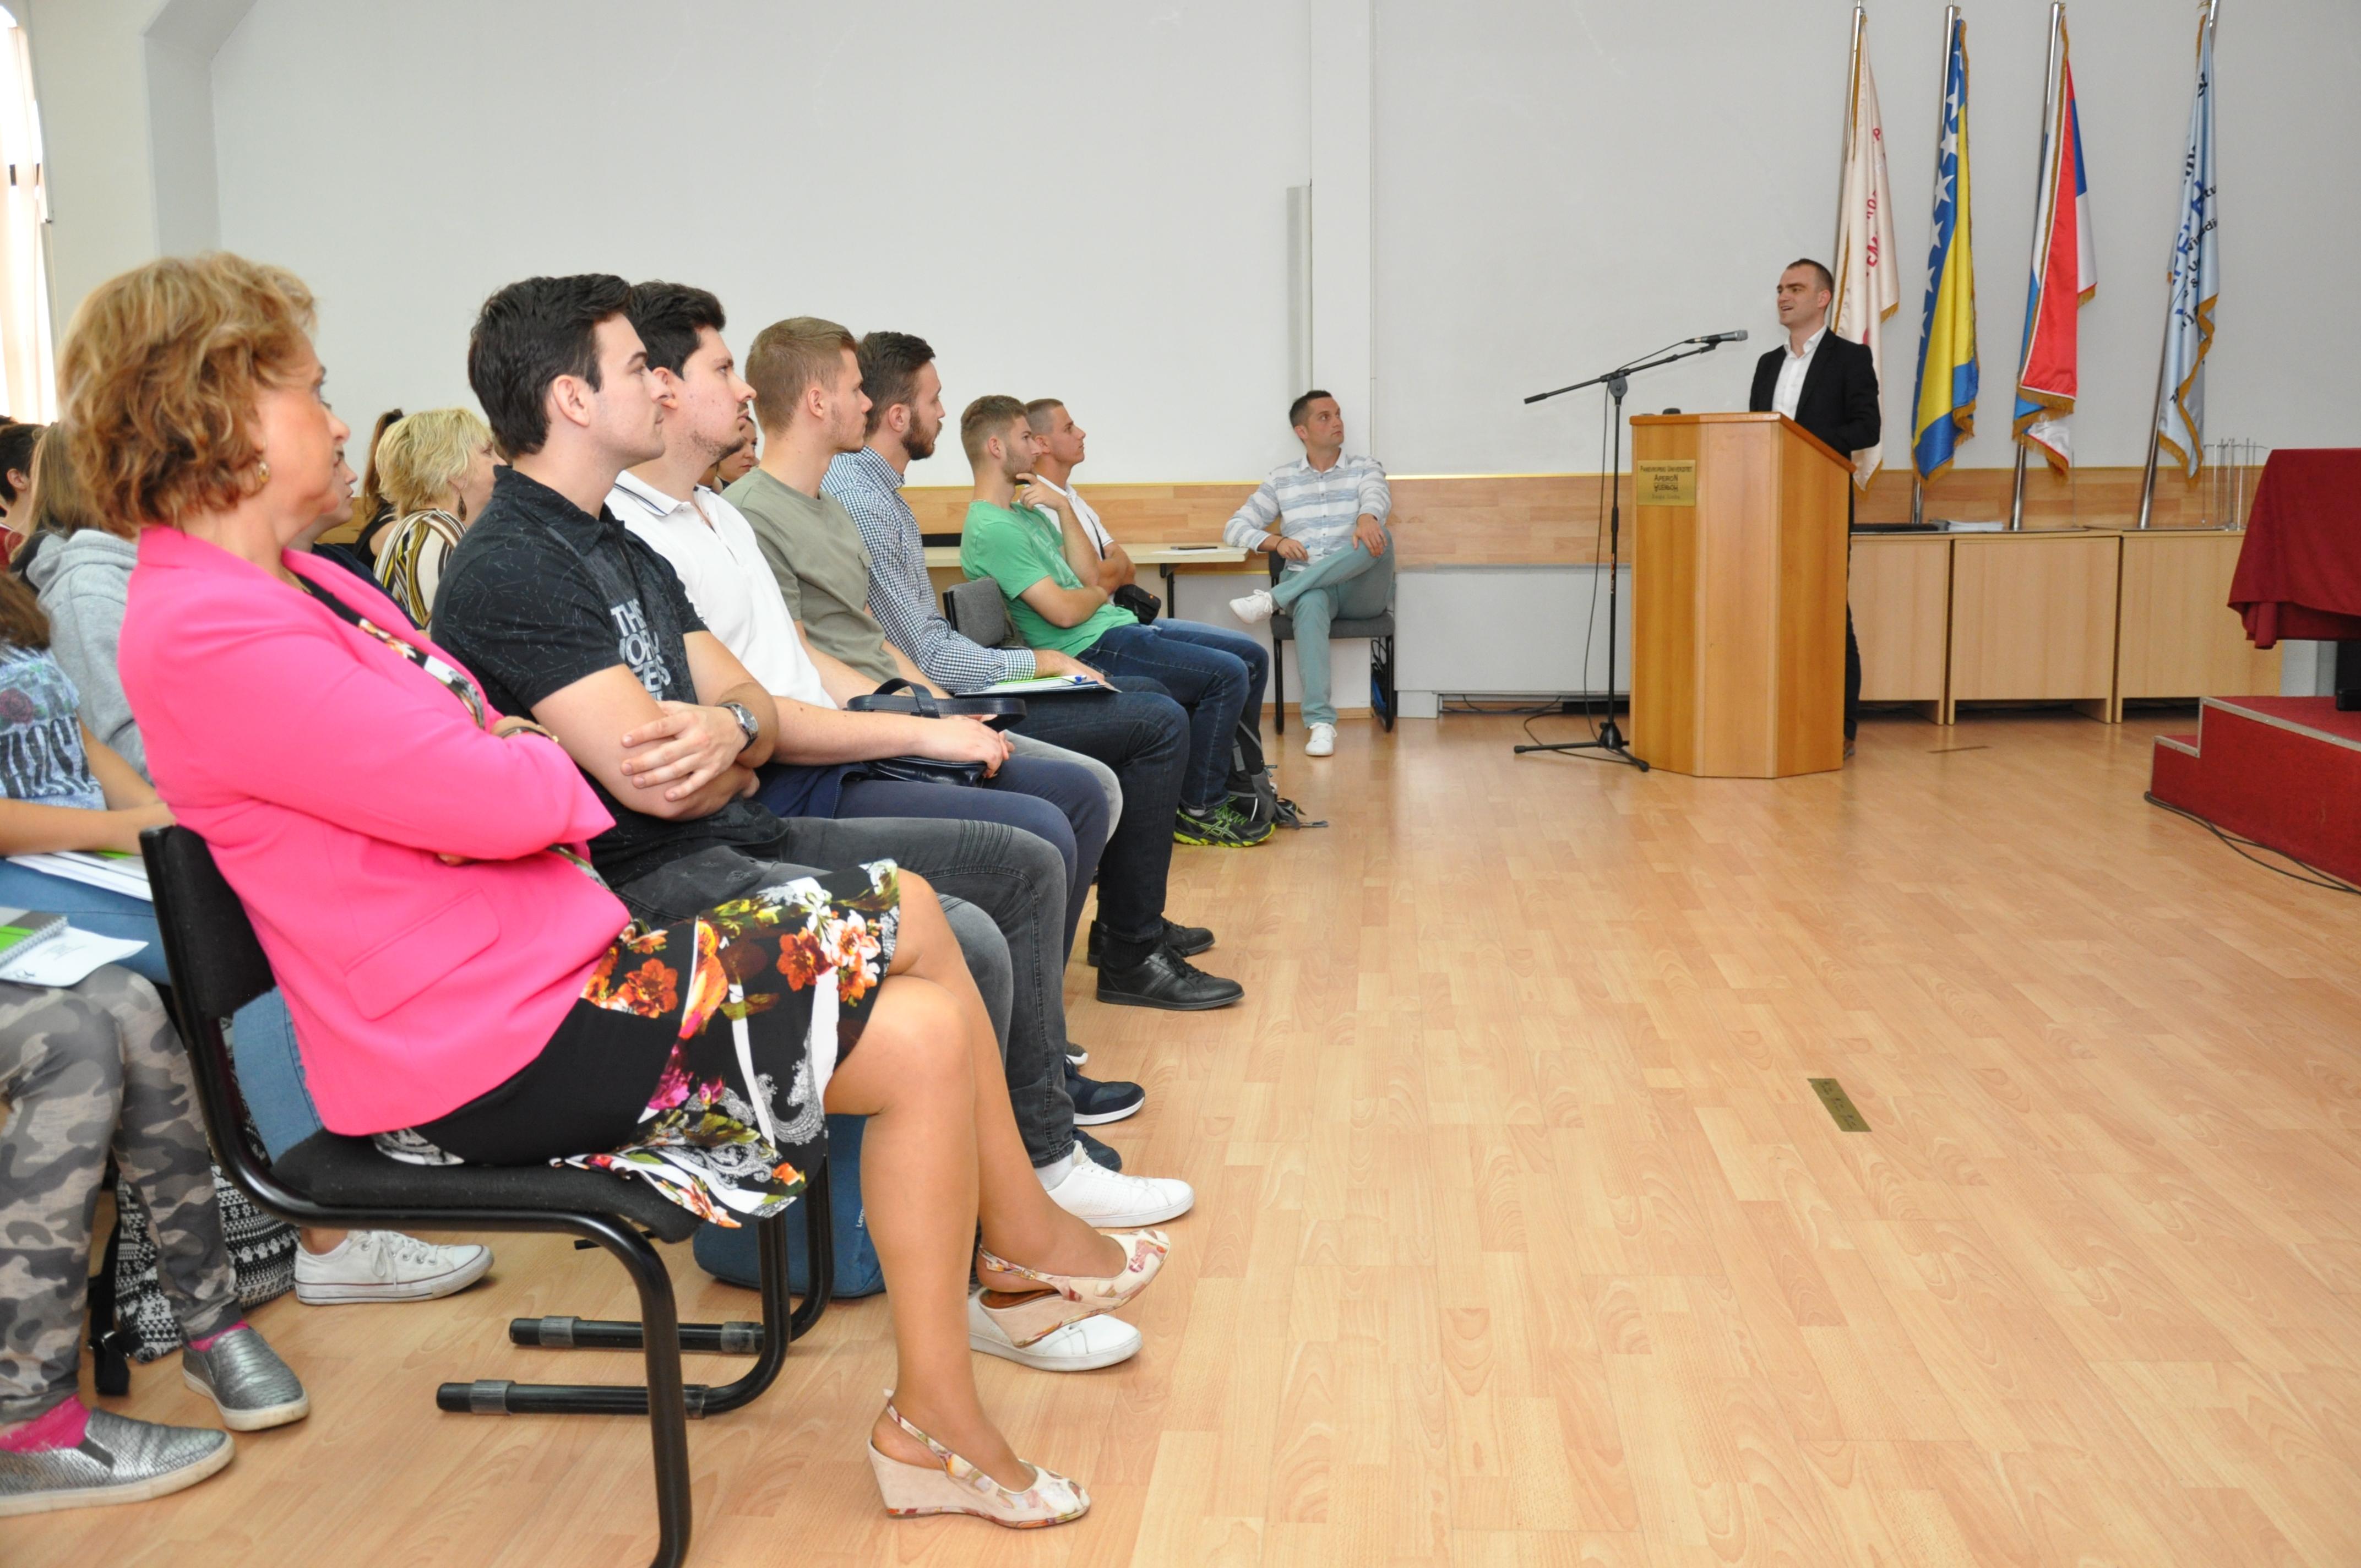 U Banja Luci otvorena besplatna škola programiranja